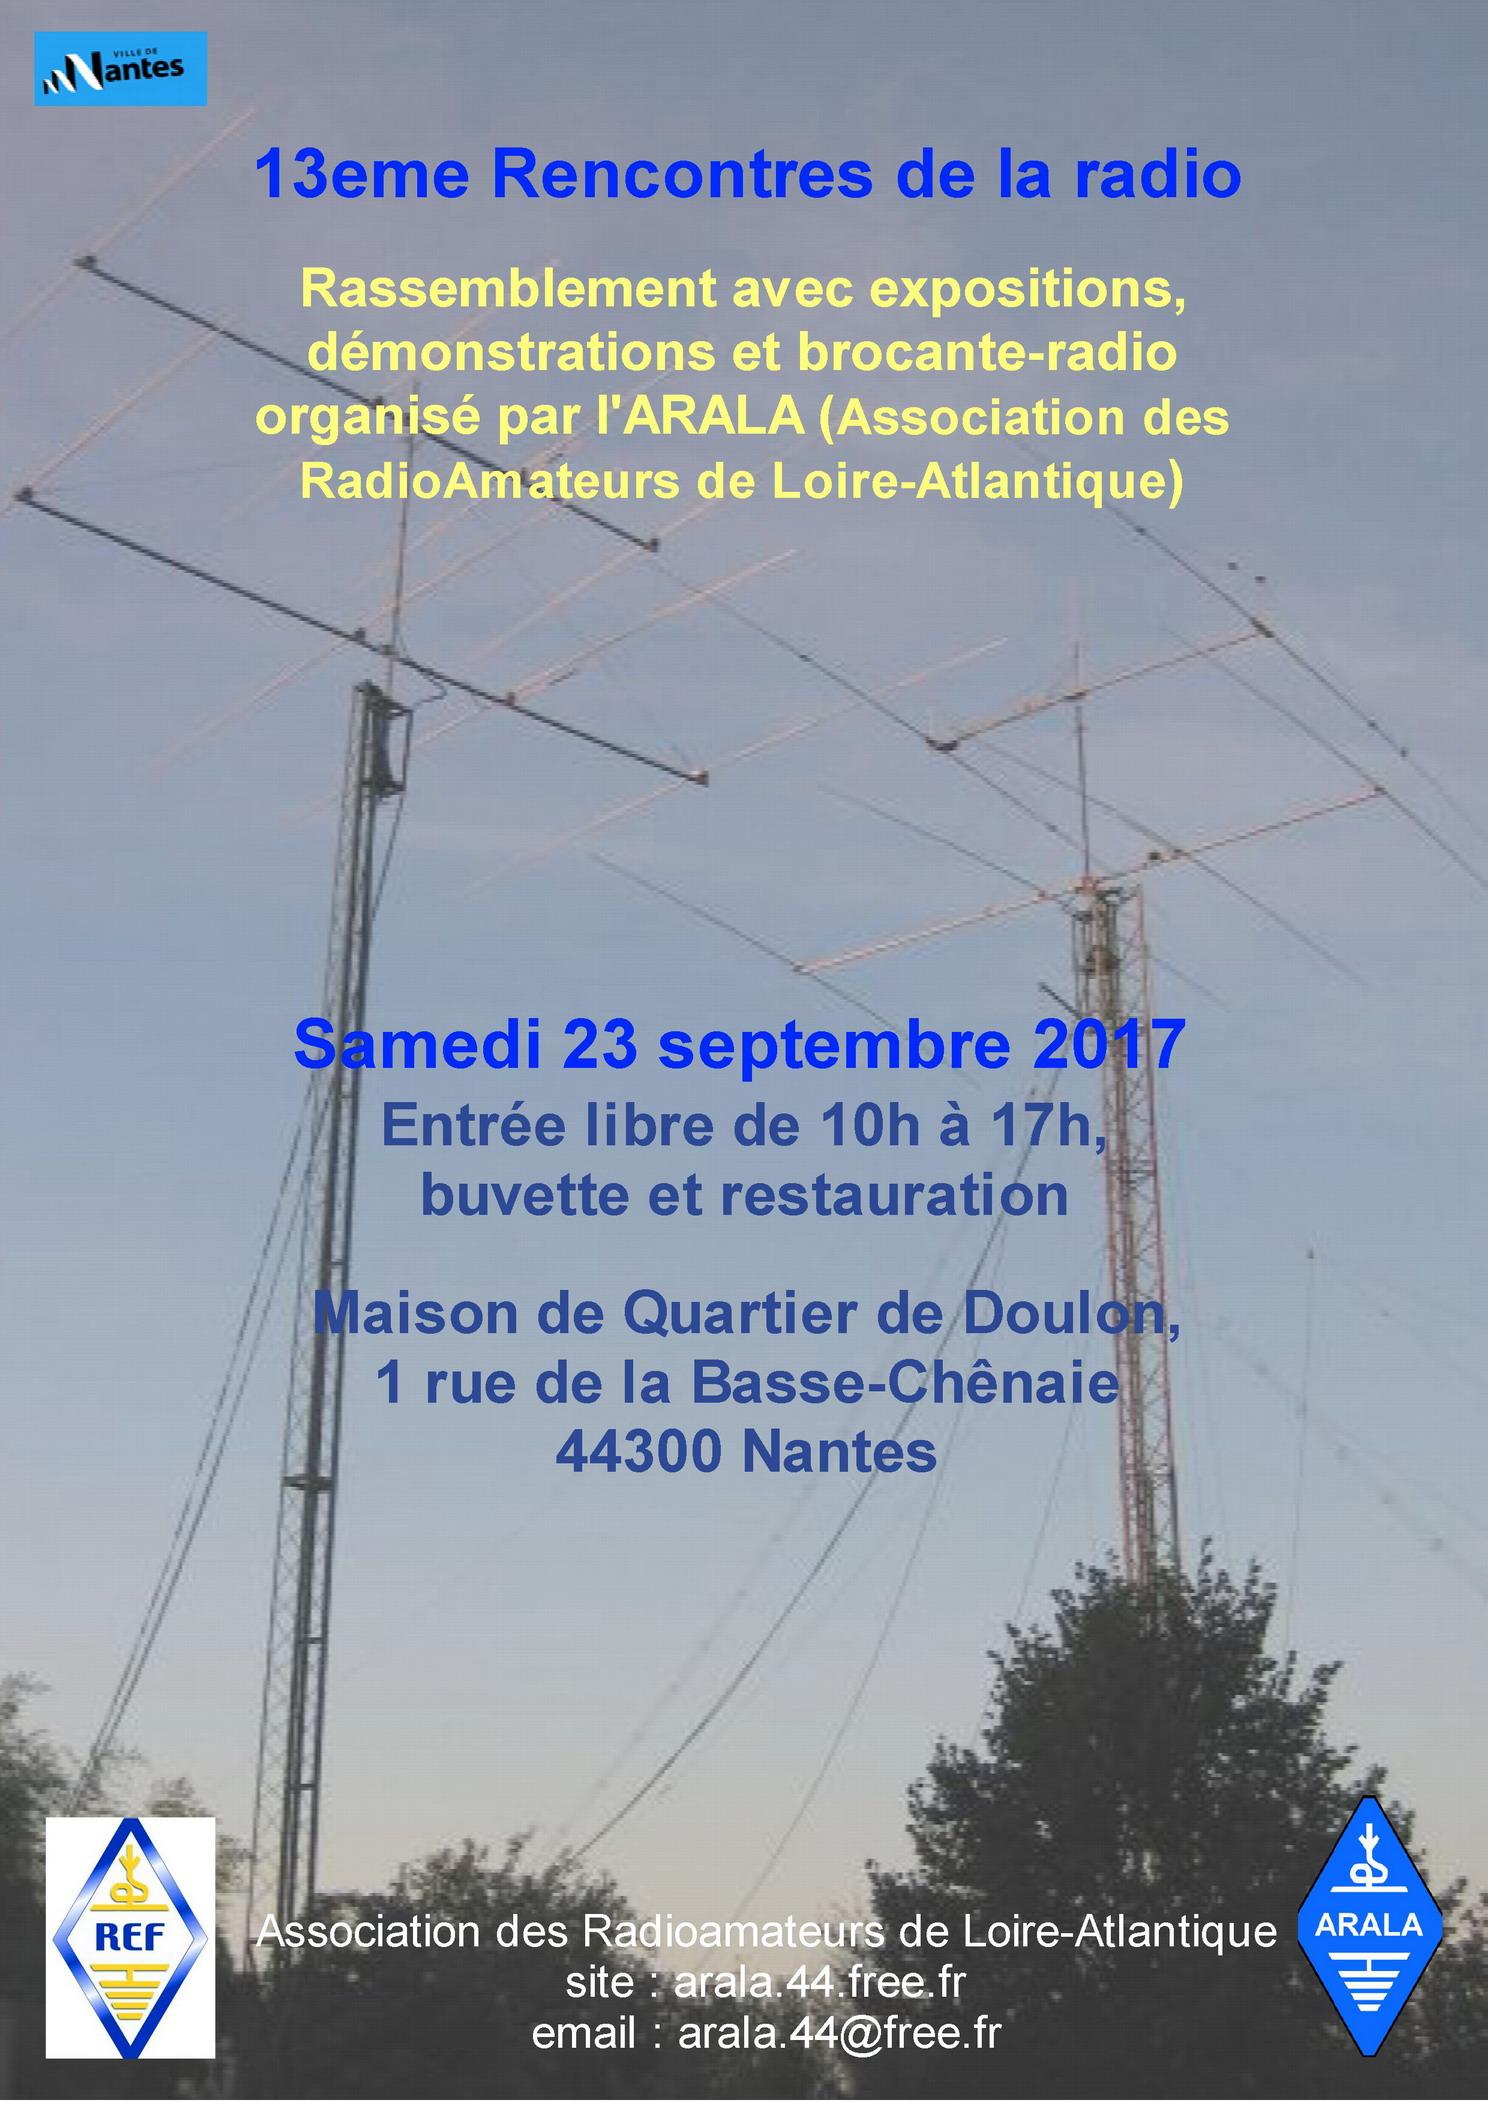 Les 13emes Rencontres de la Radio